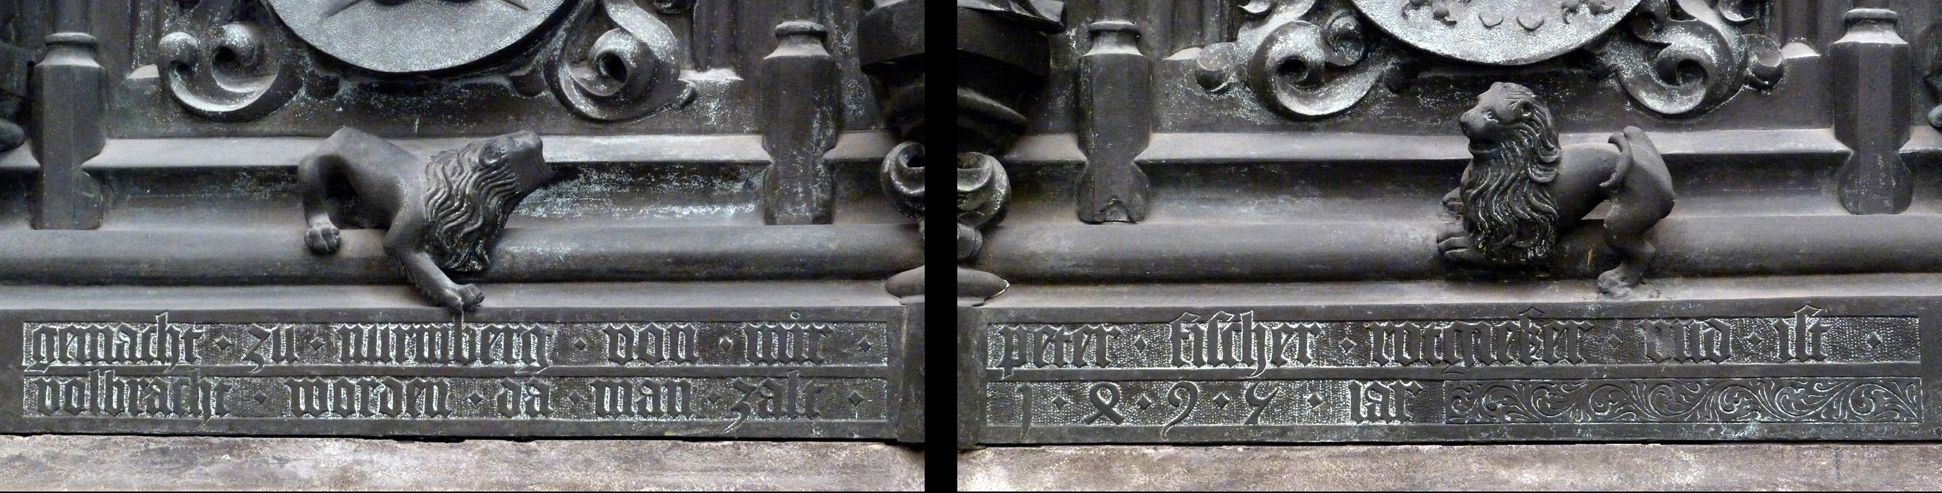 """Tomb of the Archbishop Ernest of Saxony Tumba, Ostfront - Zusammensetzung der Sockelinschrift: Tomb, east side – the with the assembled inscription """"gemacht . zu . nurmberg . von . mir . peter . fischer . rotgießer . und . ist . vollbracht . worden . da . man . zalt (=zählt) . 1495 . iar (=Jahr"""